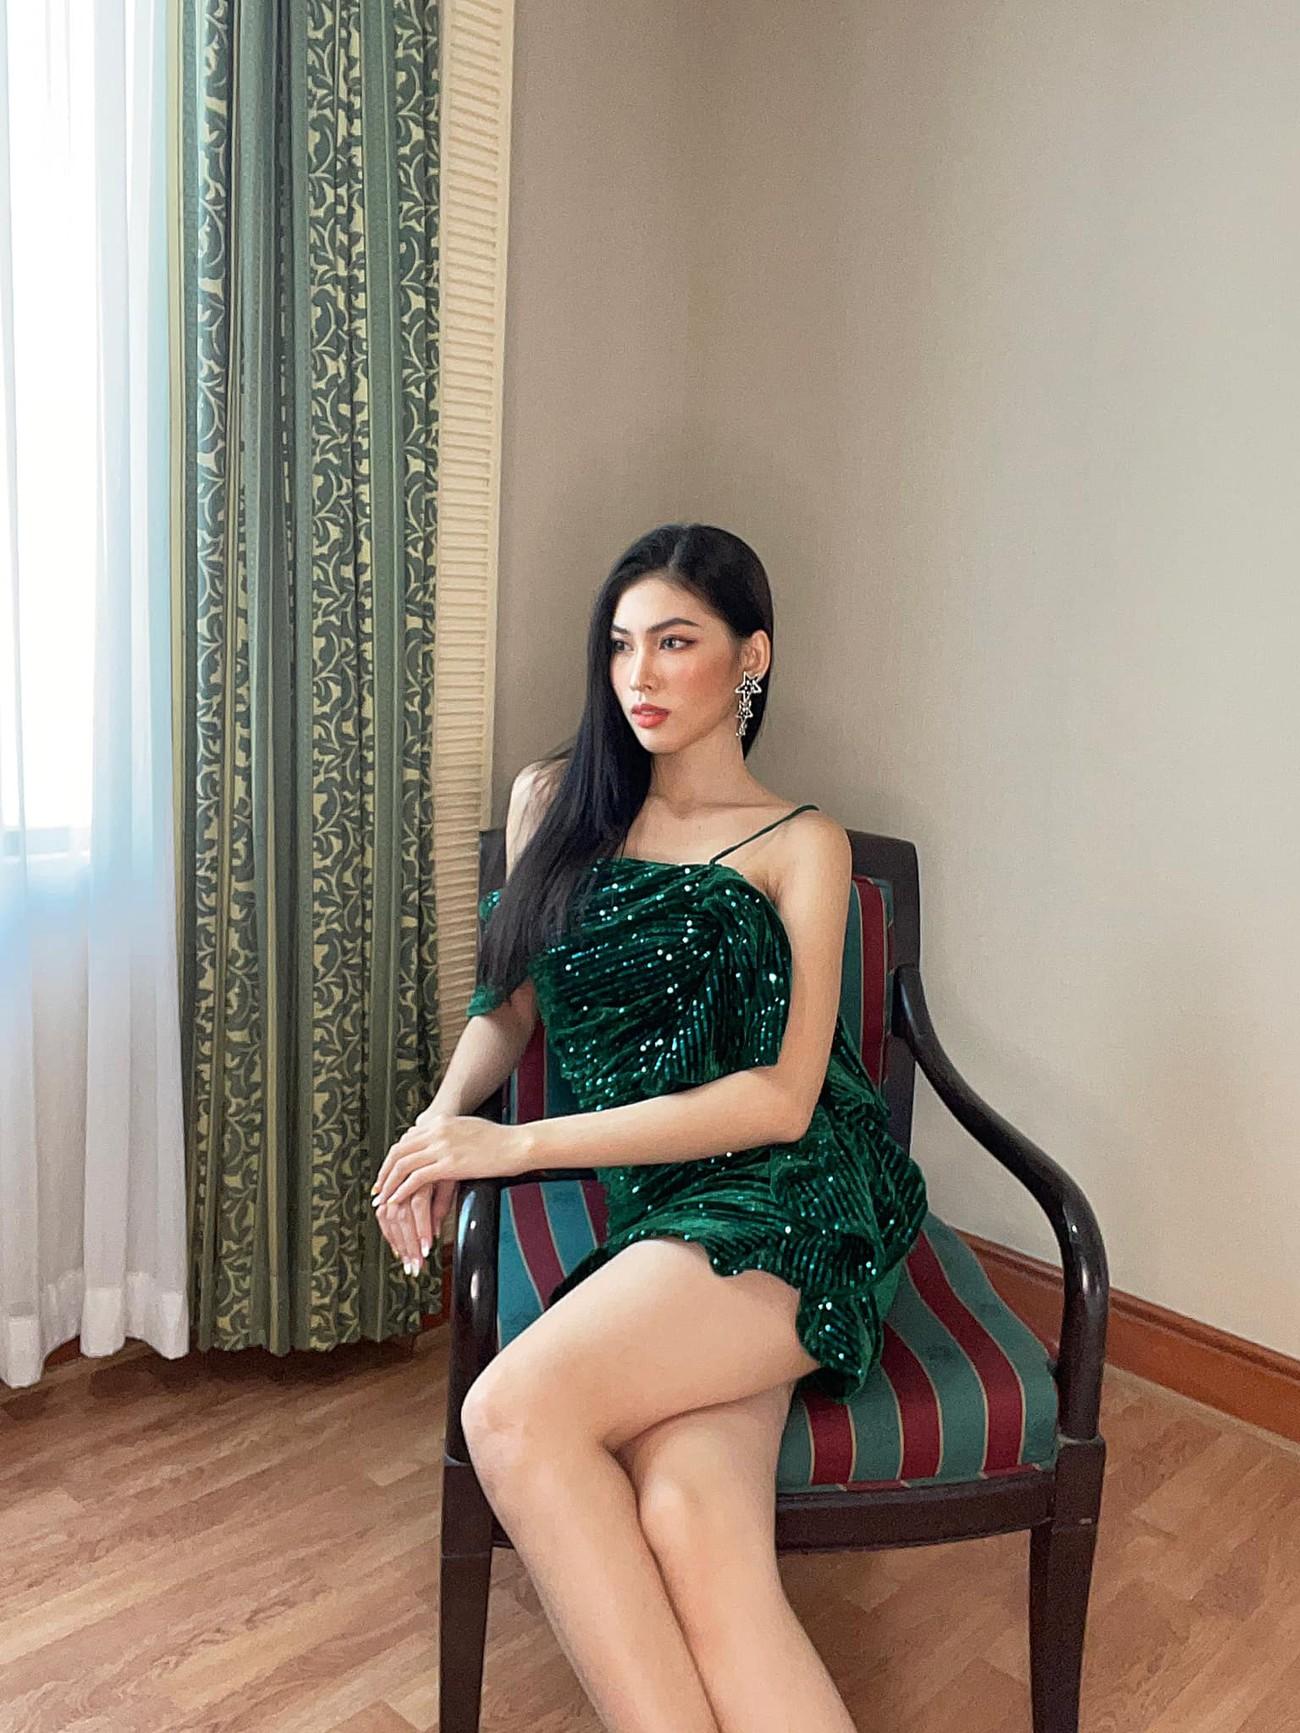 Lần đầu đeo sash Miss Grand Vietnam ở Thái Lan, Ngọc Thảo mặc váy bó sát gợi cảm gây chú ý ảnh 7